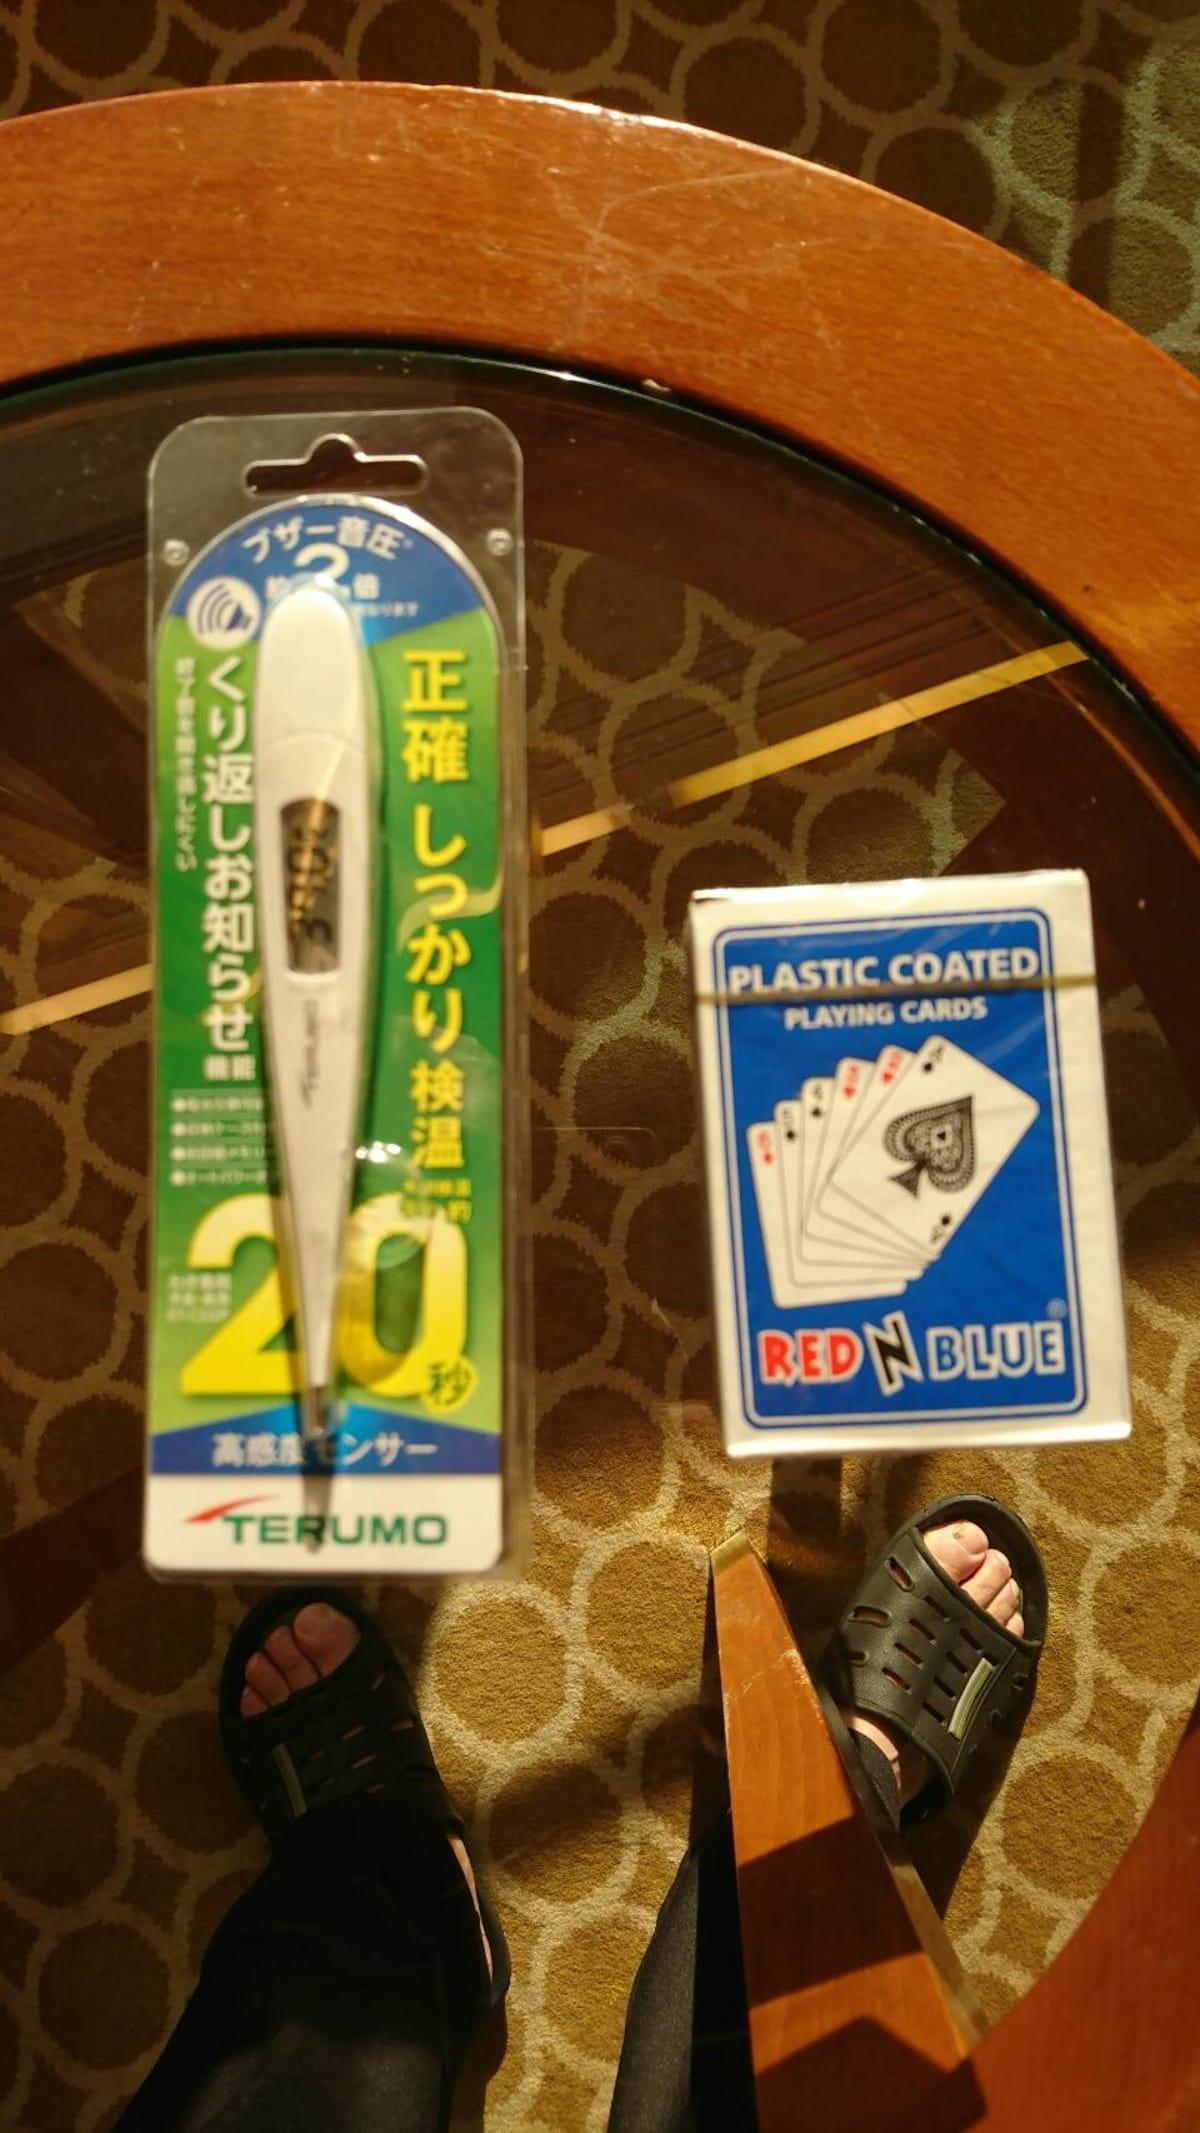 配布された体温計とトランプ